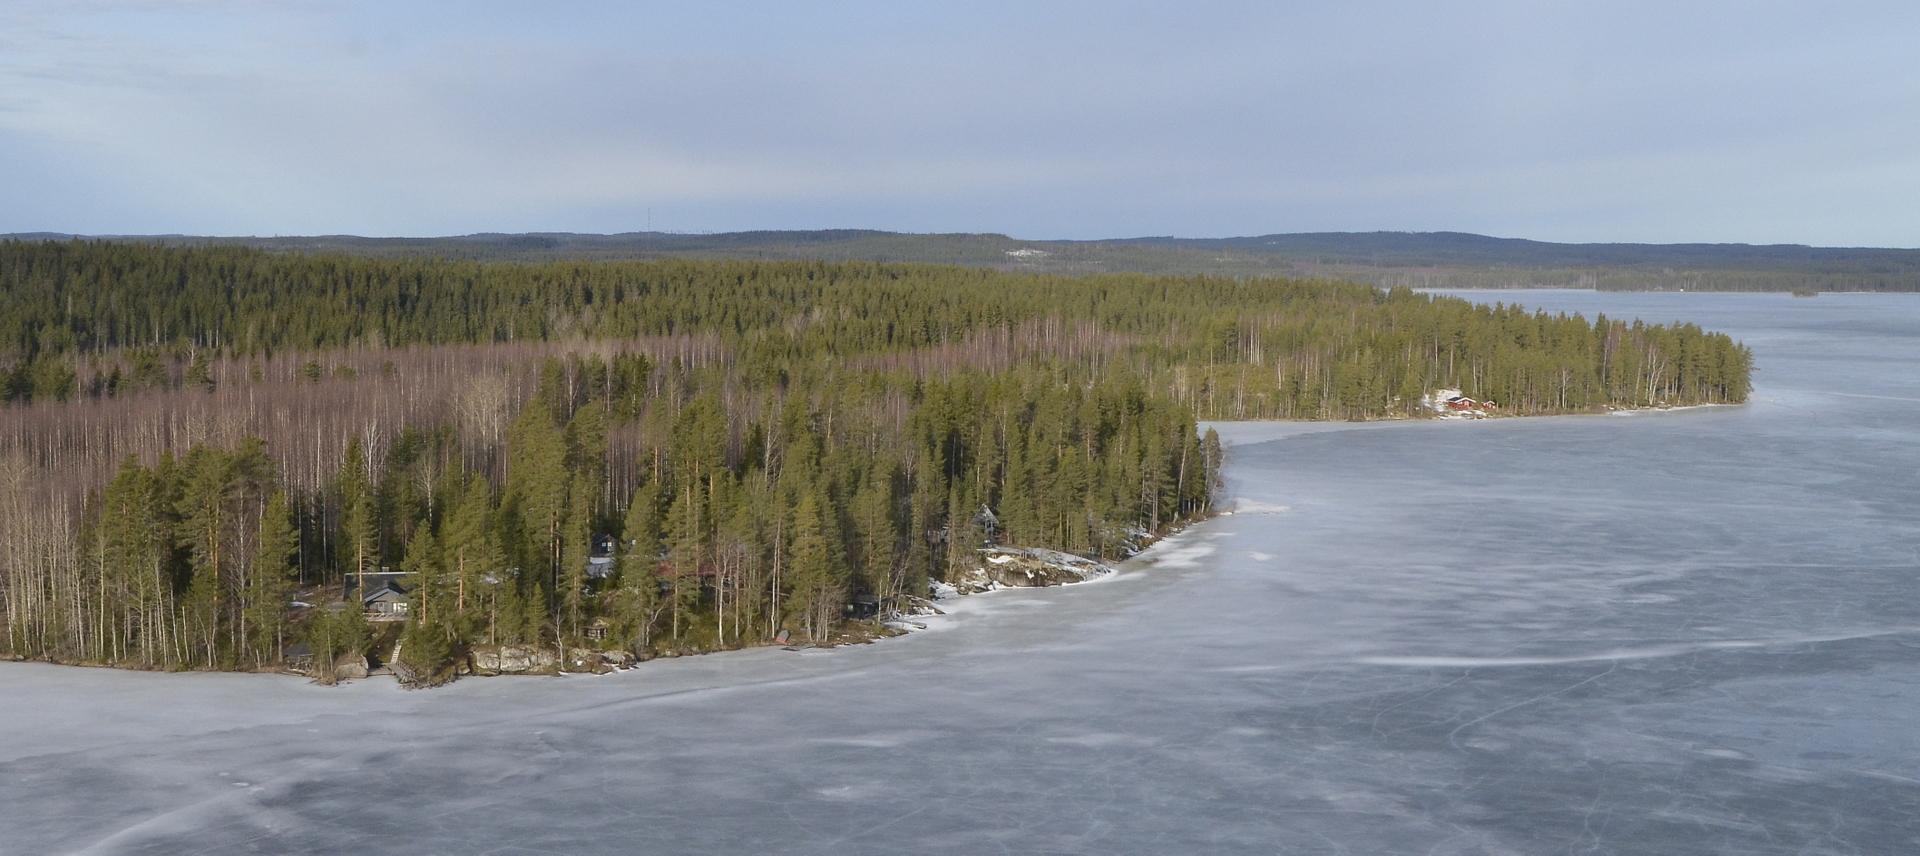 """No, enpä """"hirttäydy"""" väittämääni taulun suhteen, vaan jatkan matkaa Petäjäniemen kuvetta:) Peltolahti lähimmän niemen takana."""